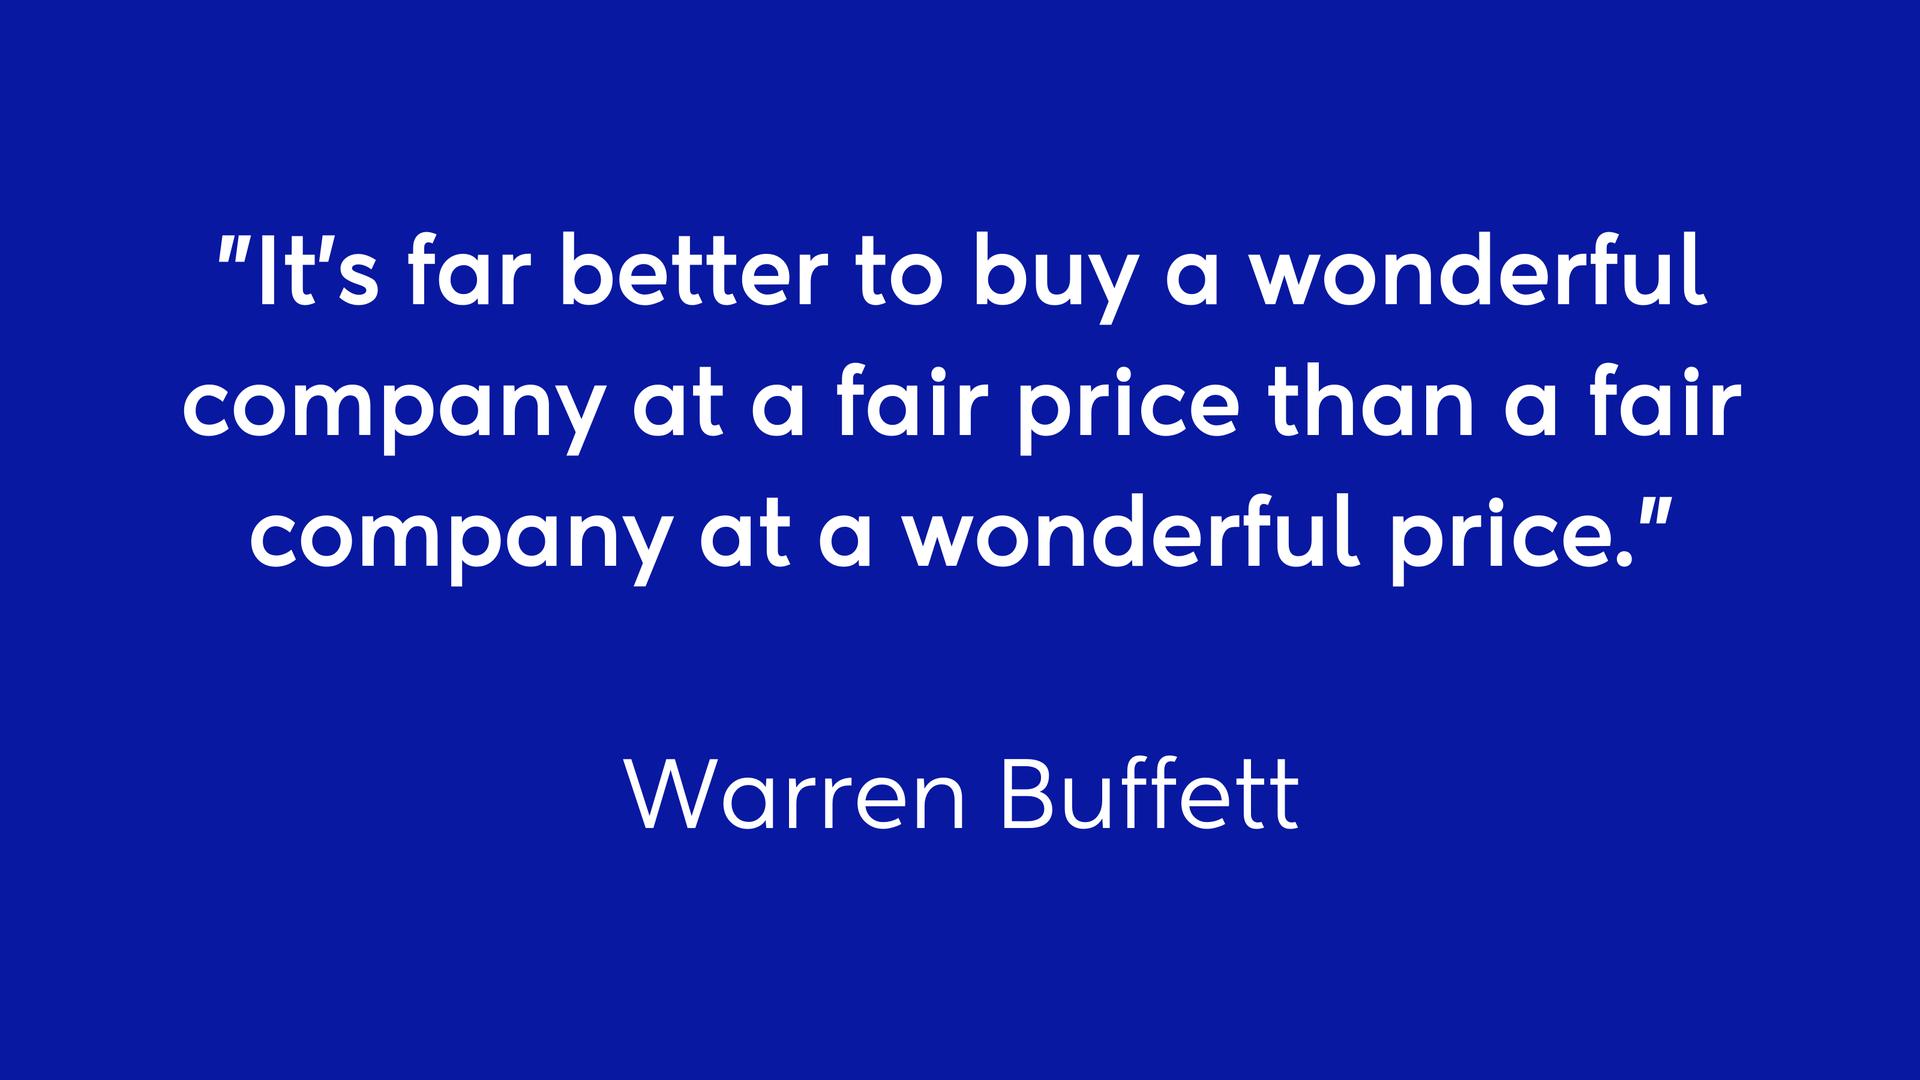 Quote by Warren Buffett